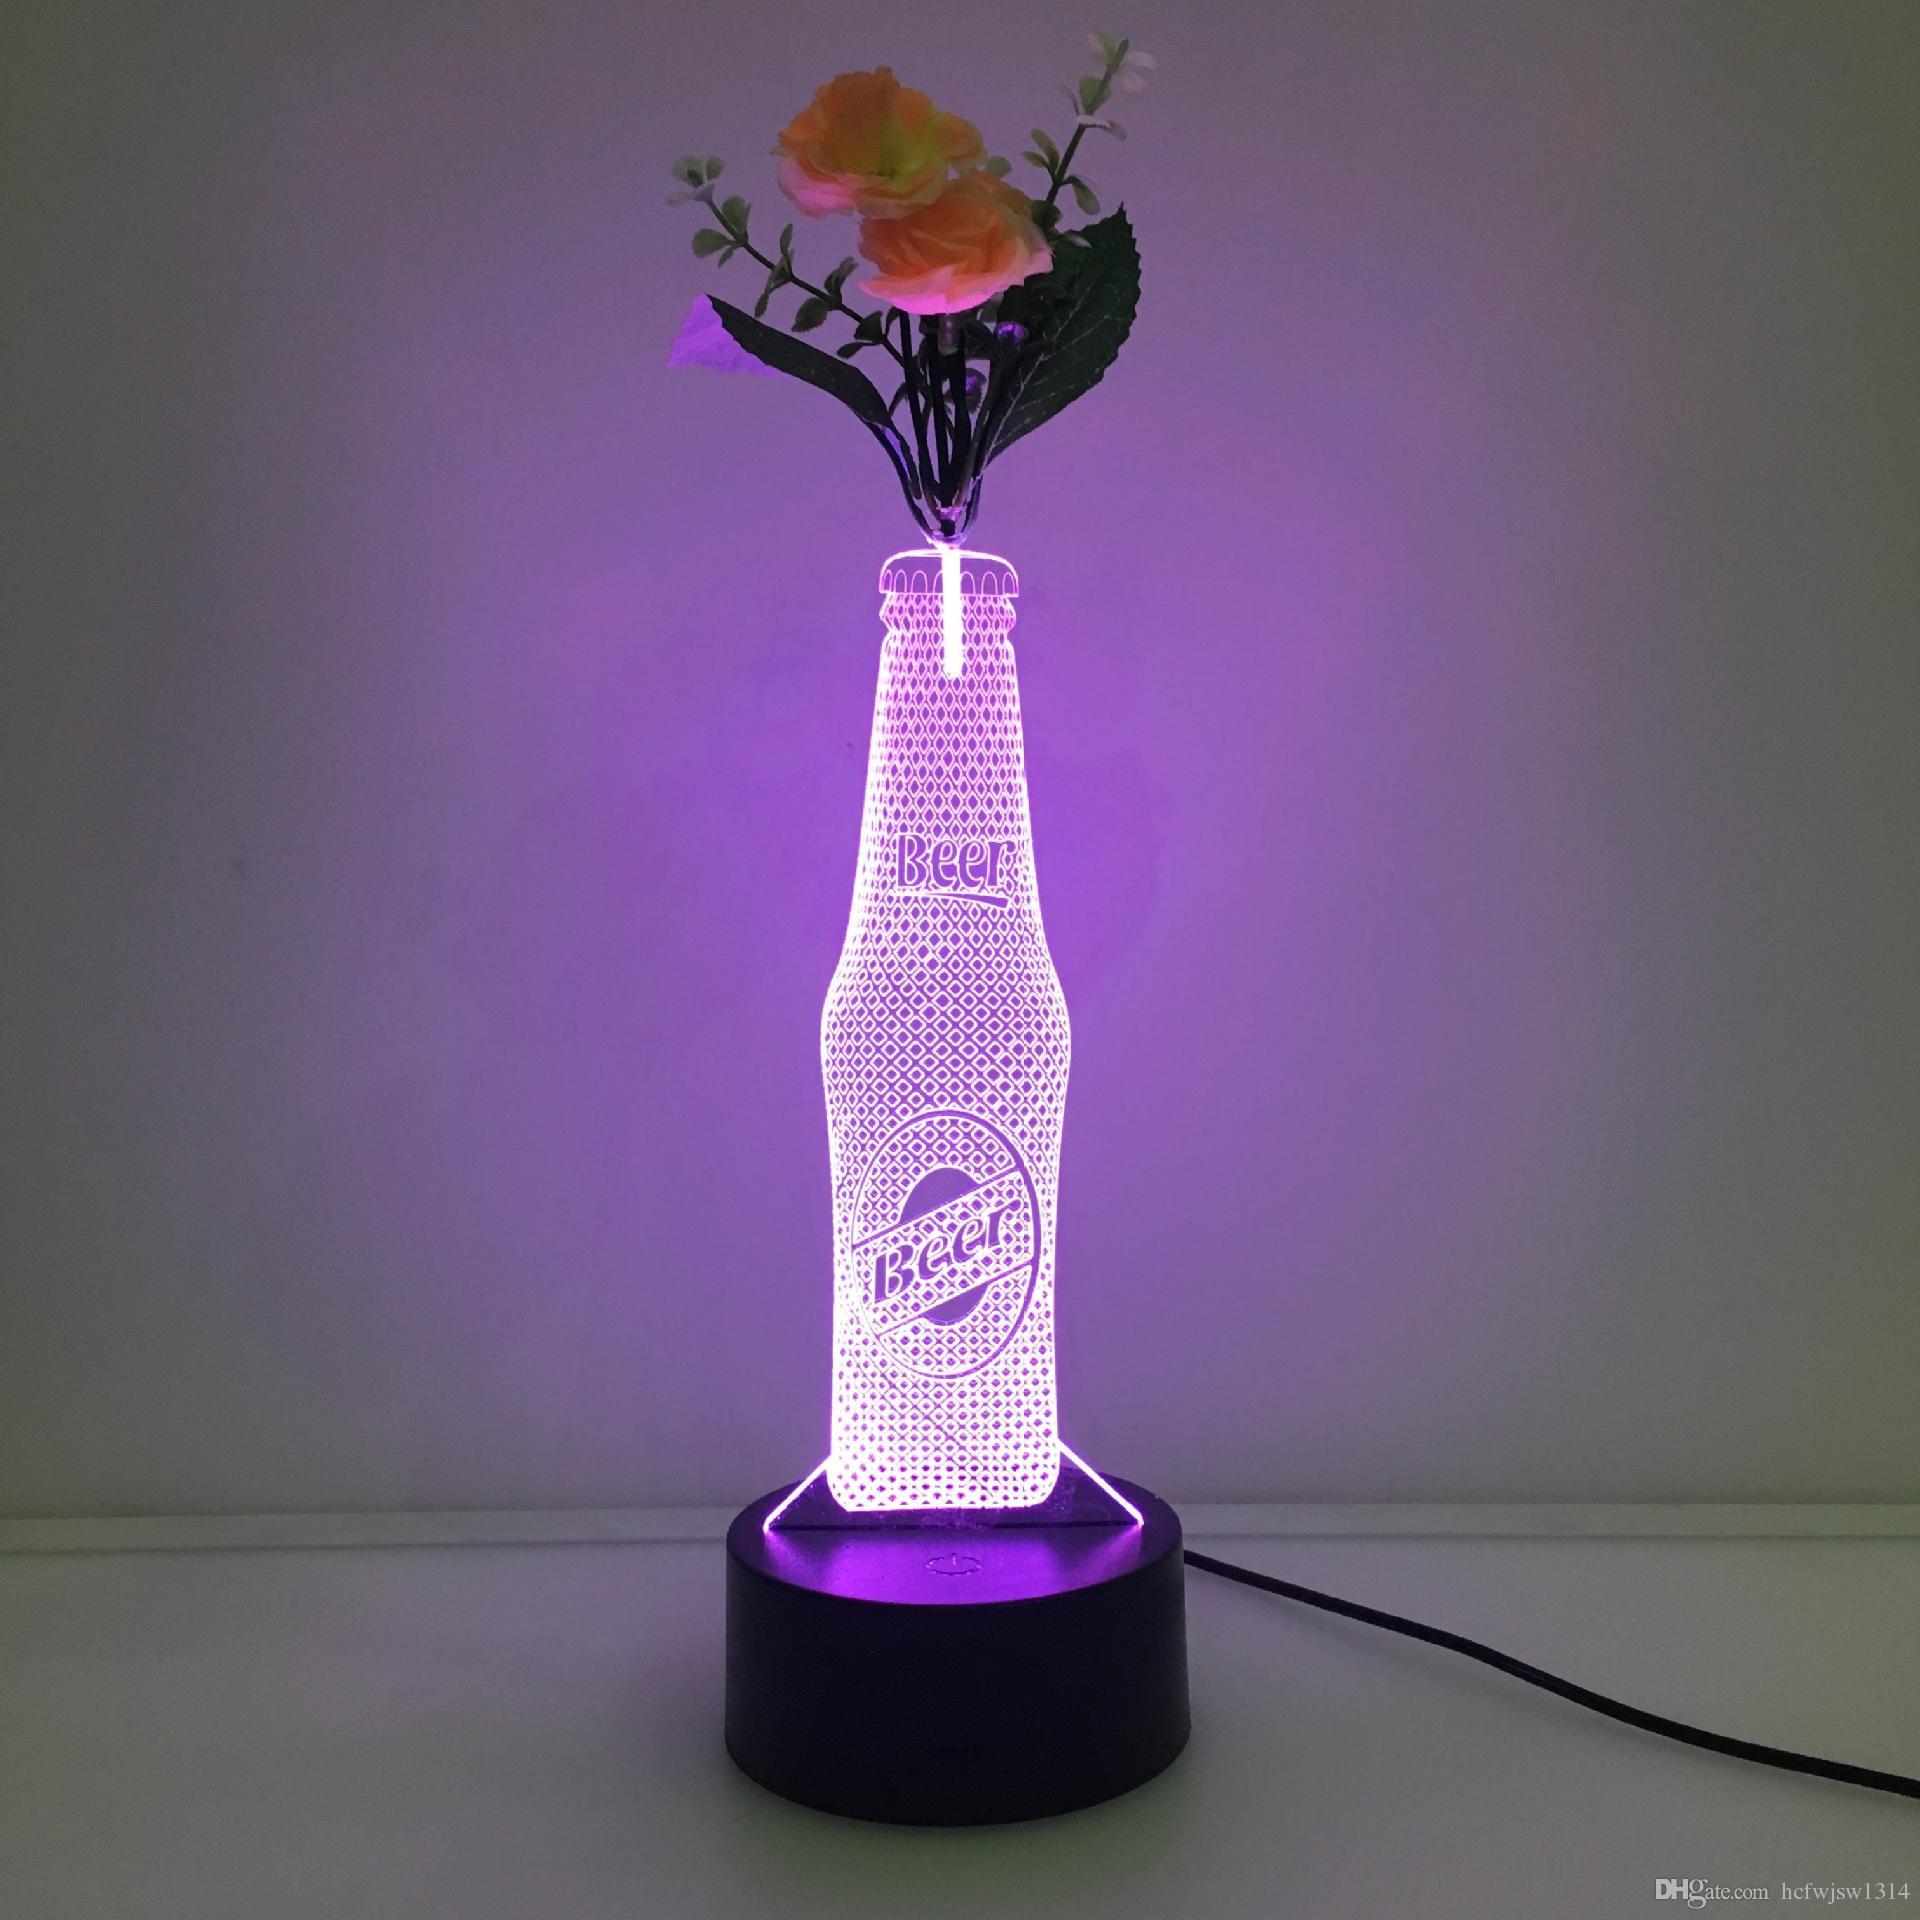 acrylic rectangle vase of new wine bottle led vase stereo light colorful acrylic 3d night inside new wine bottle led vase stereo light colorful acrylic 3d night light gift table lamp